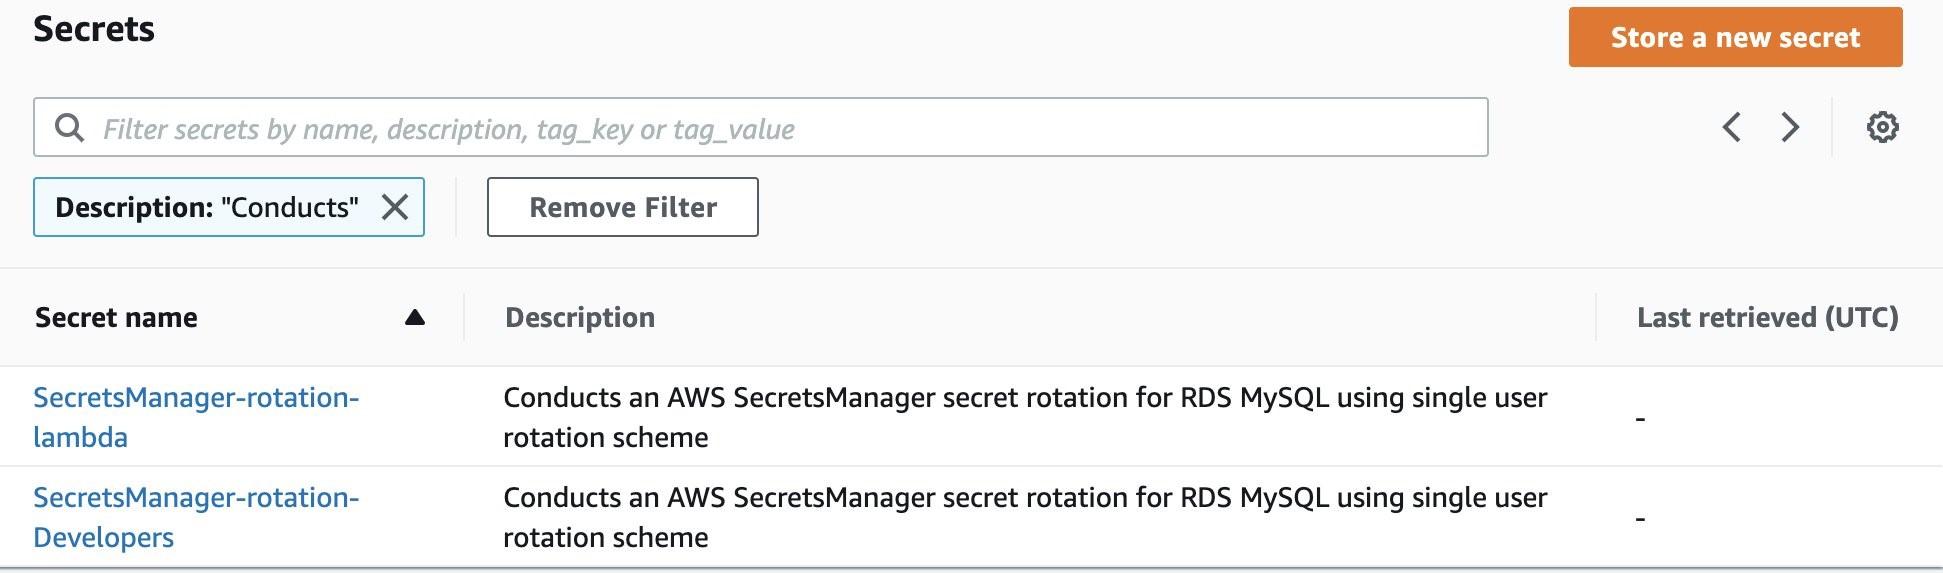 Figure 3: Secret description search